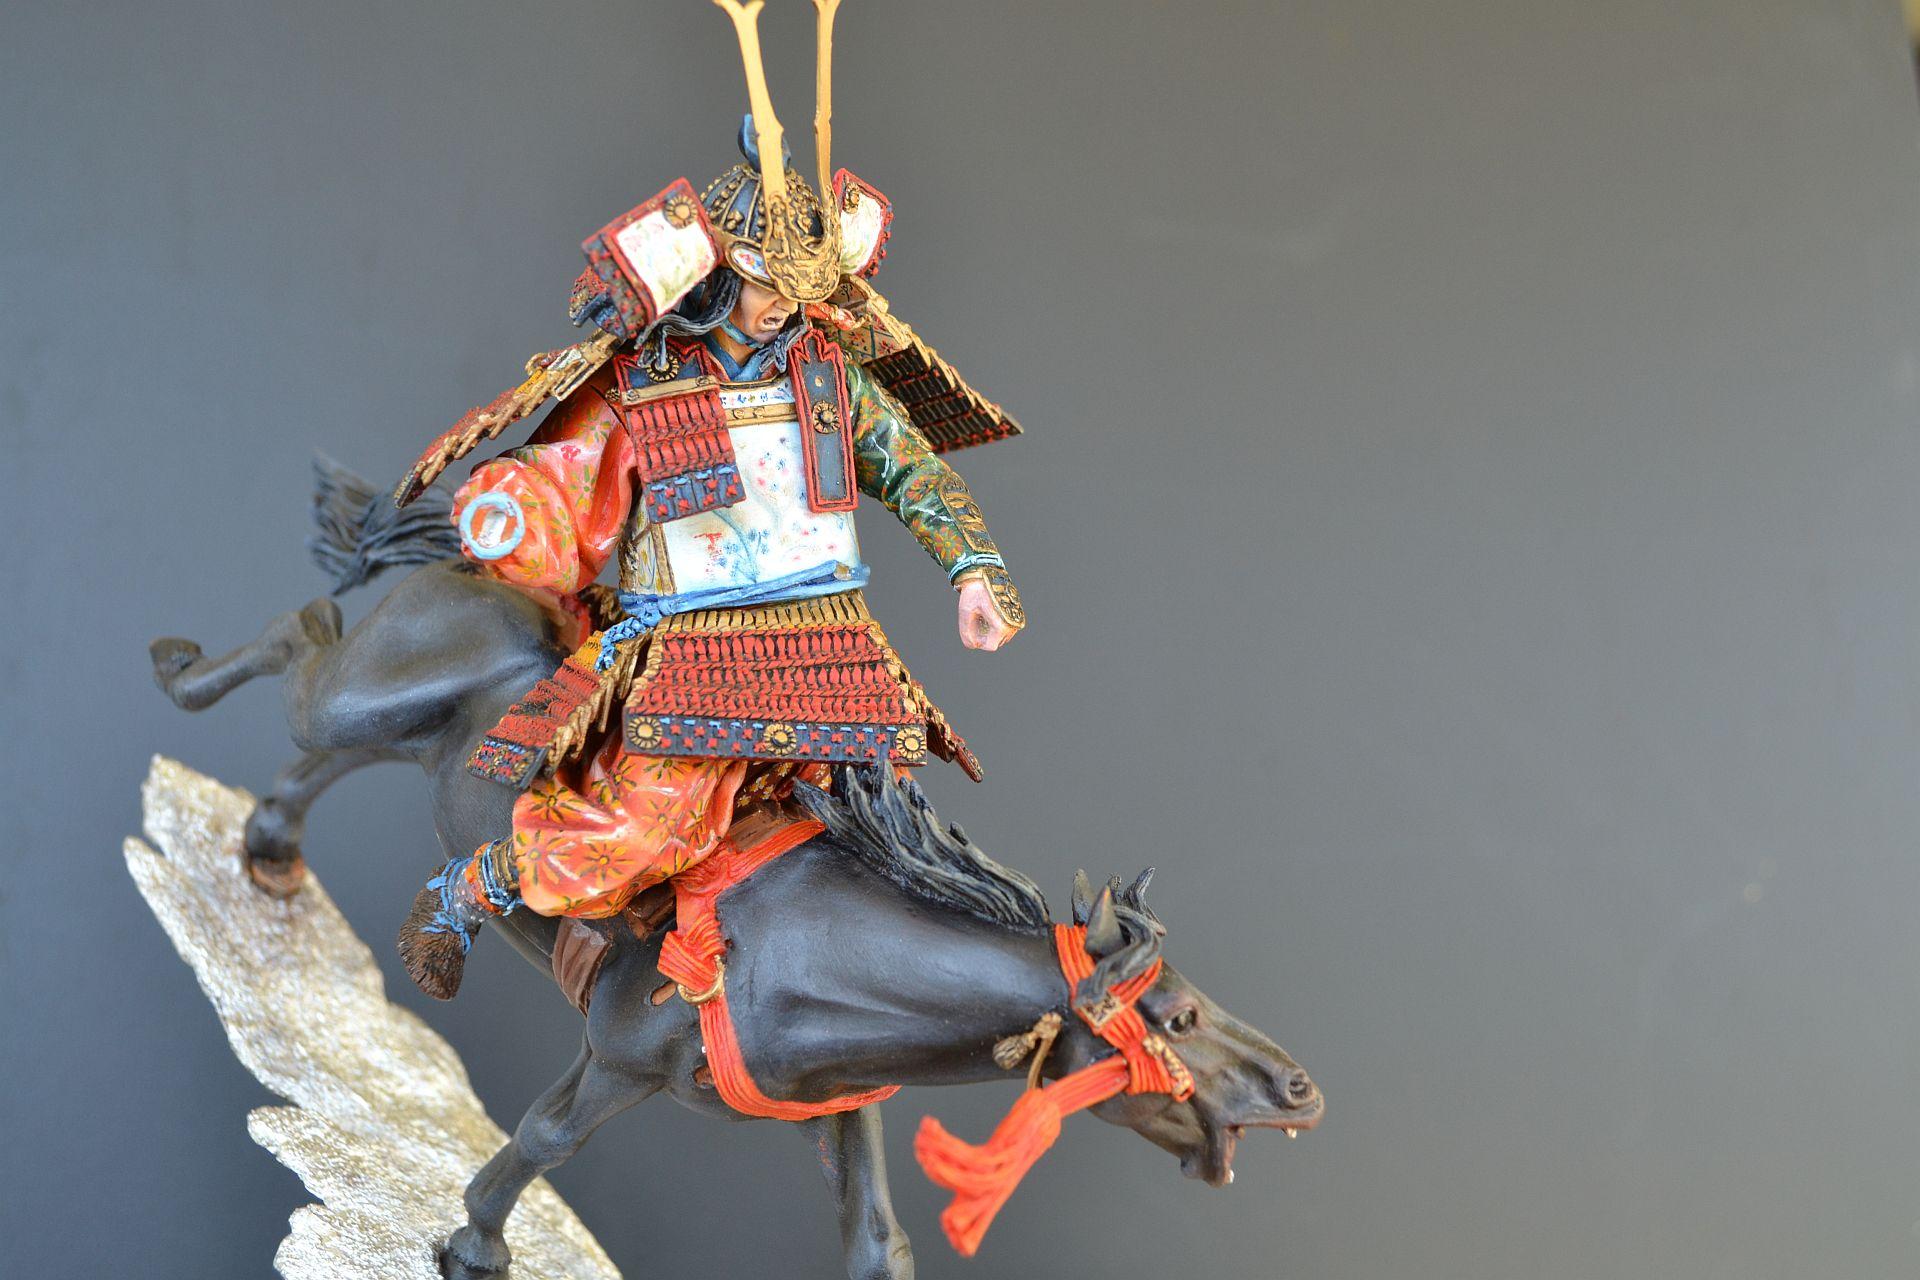 figurine pegaso - samouraï 90 mm - Page 3 160807053850465968